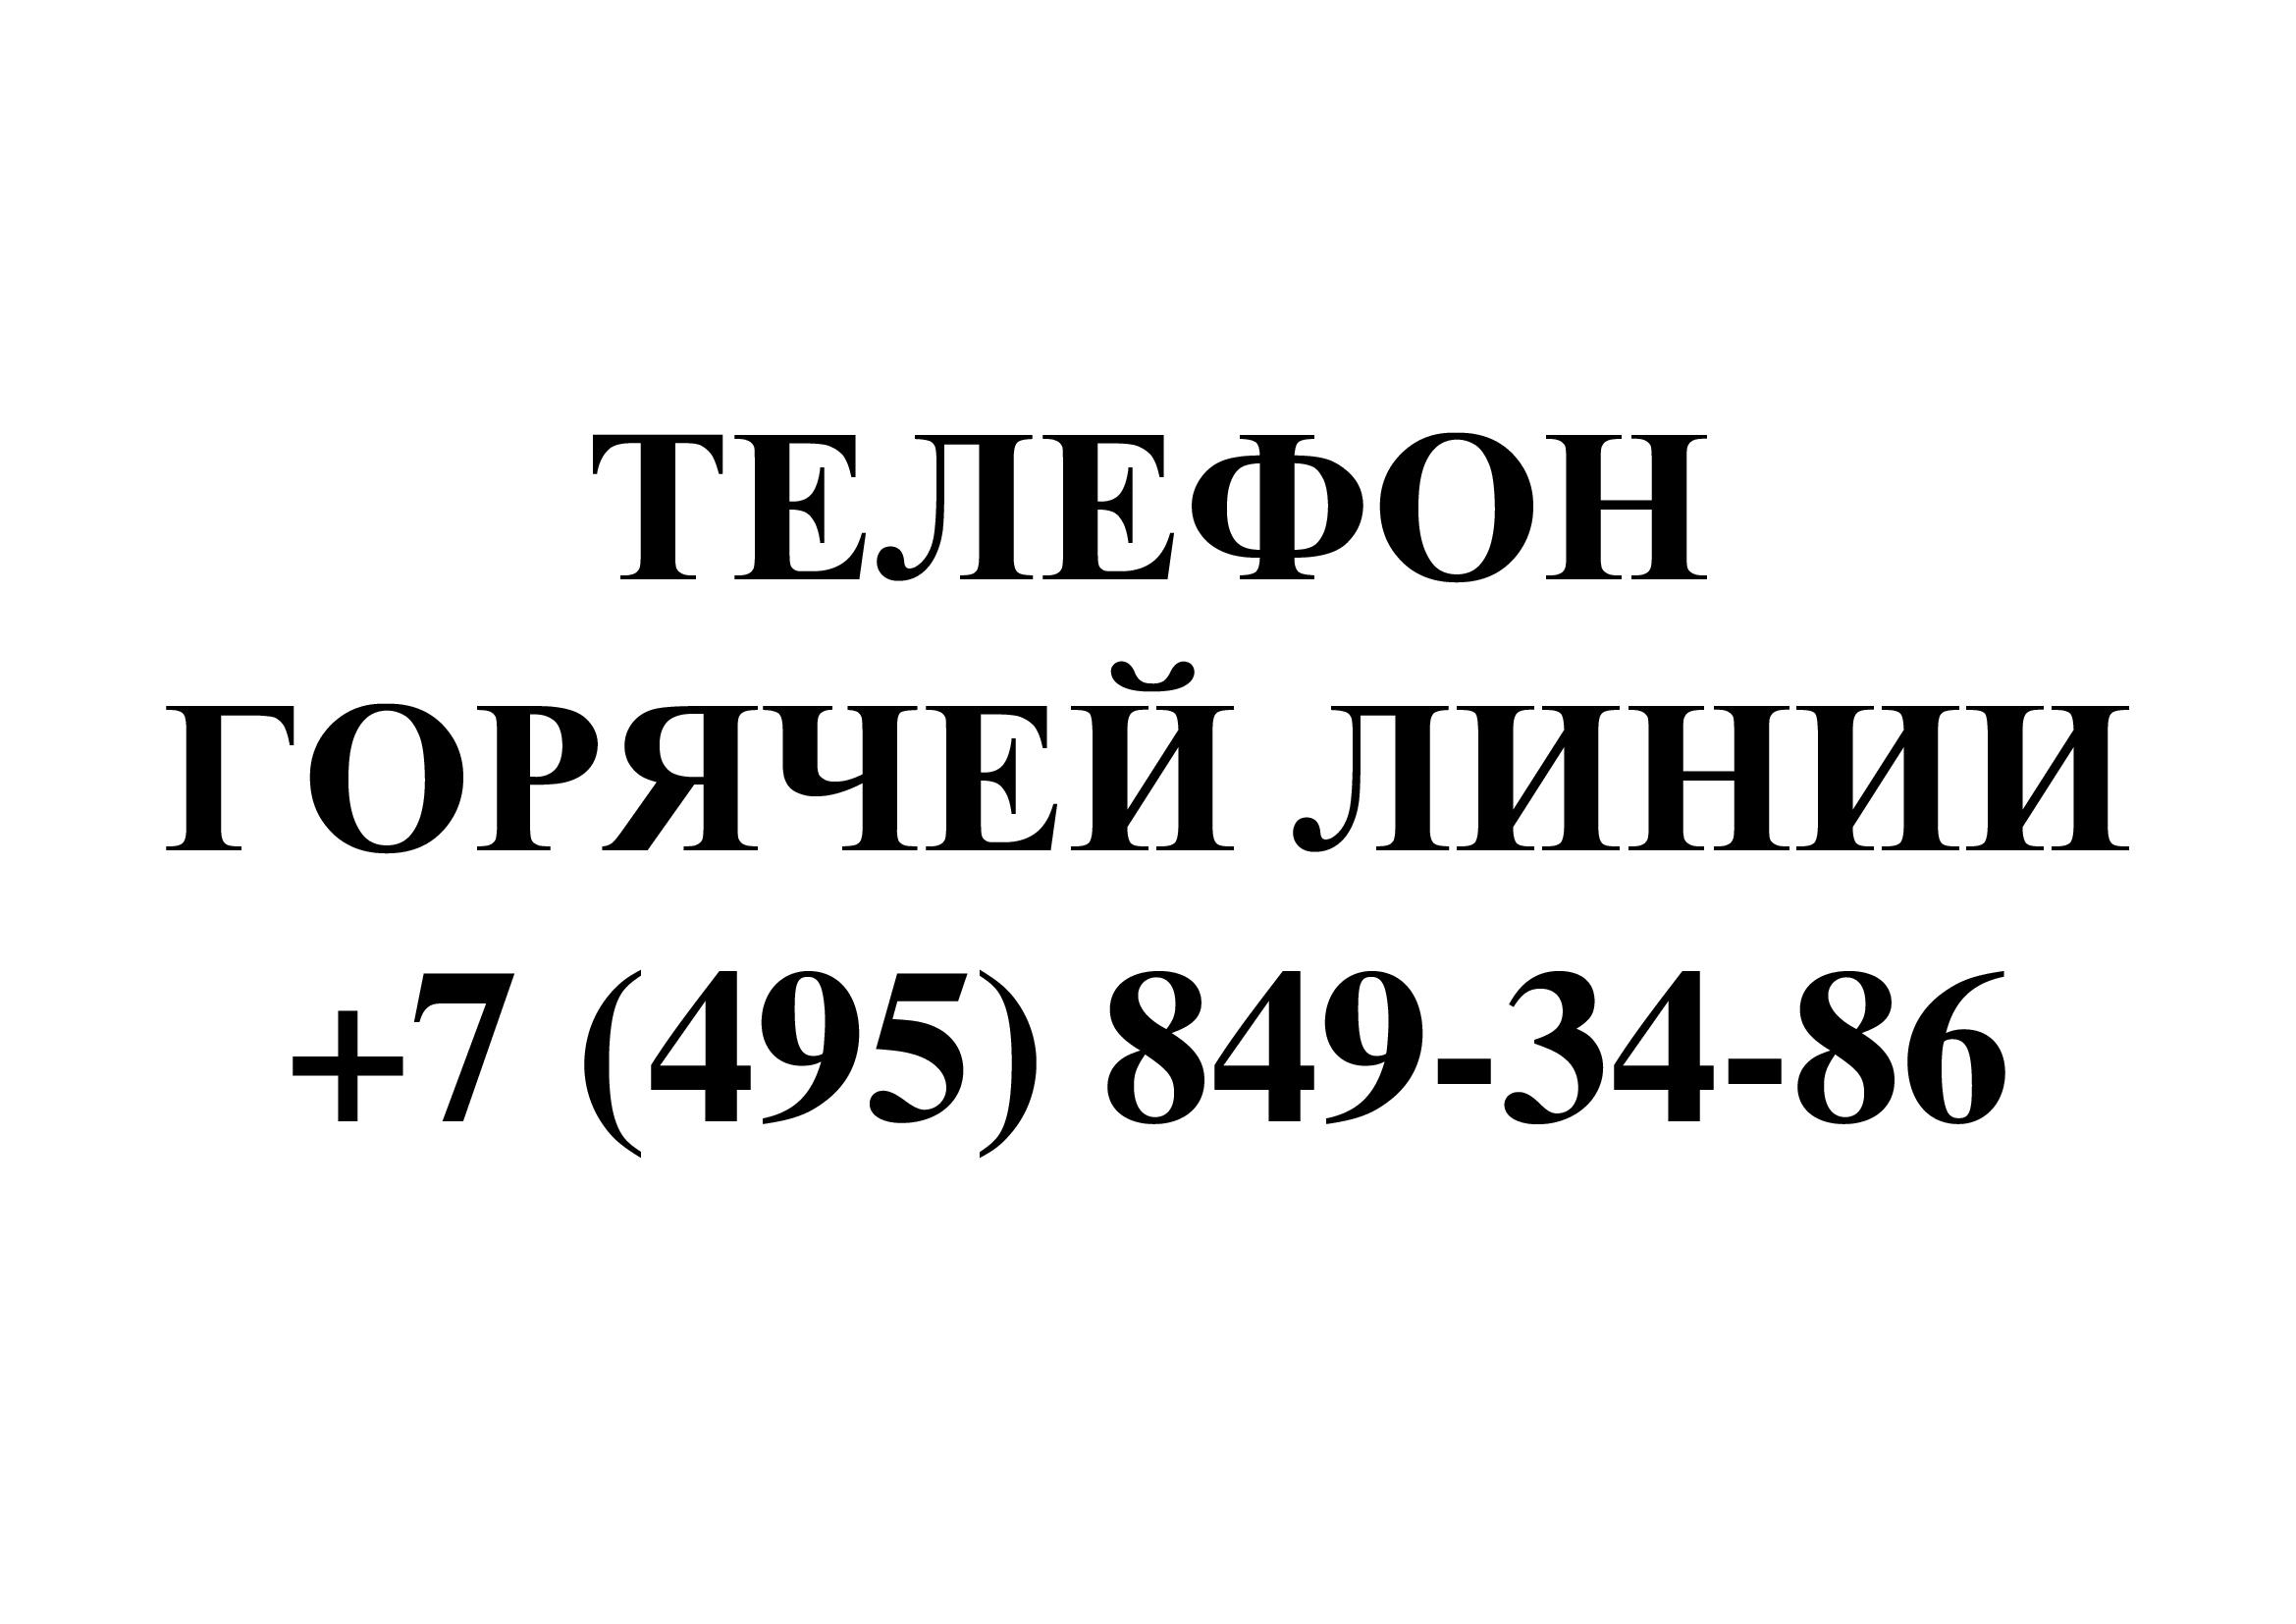 телефон-горячей-линии